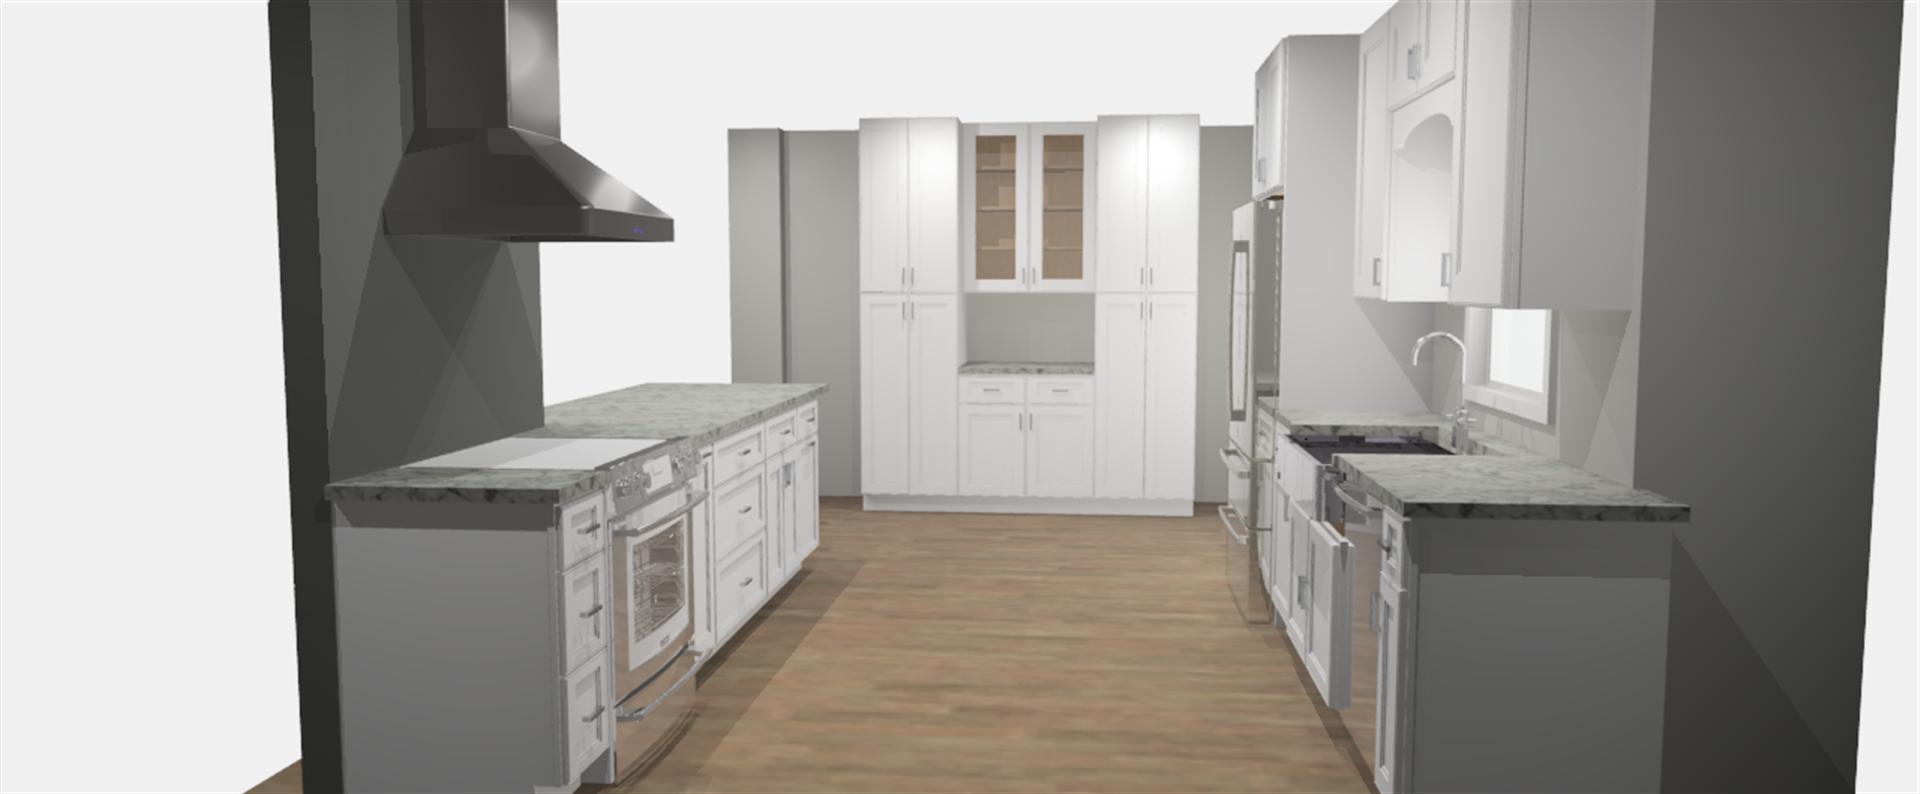 Andrea & Keith Renovation Kitchen